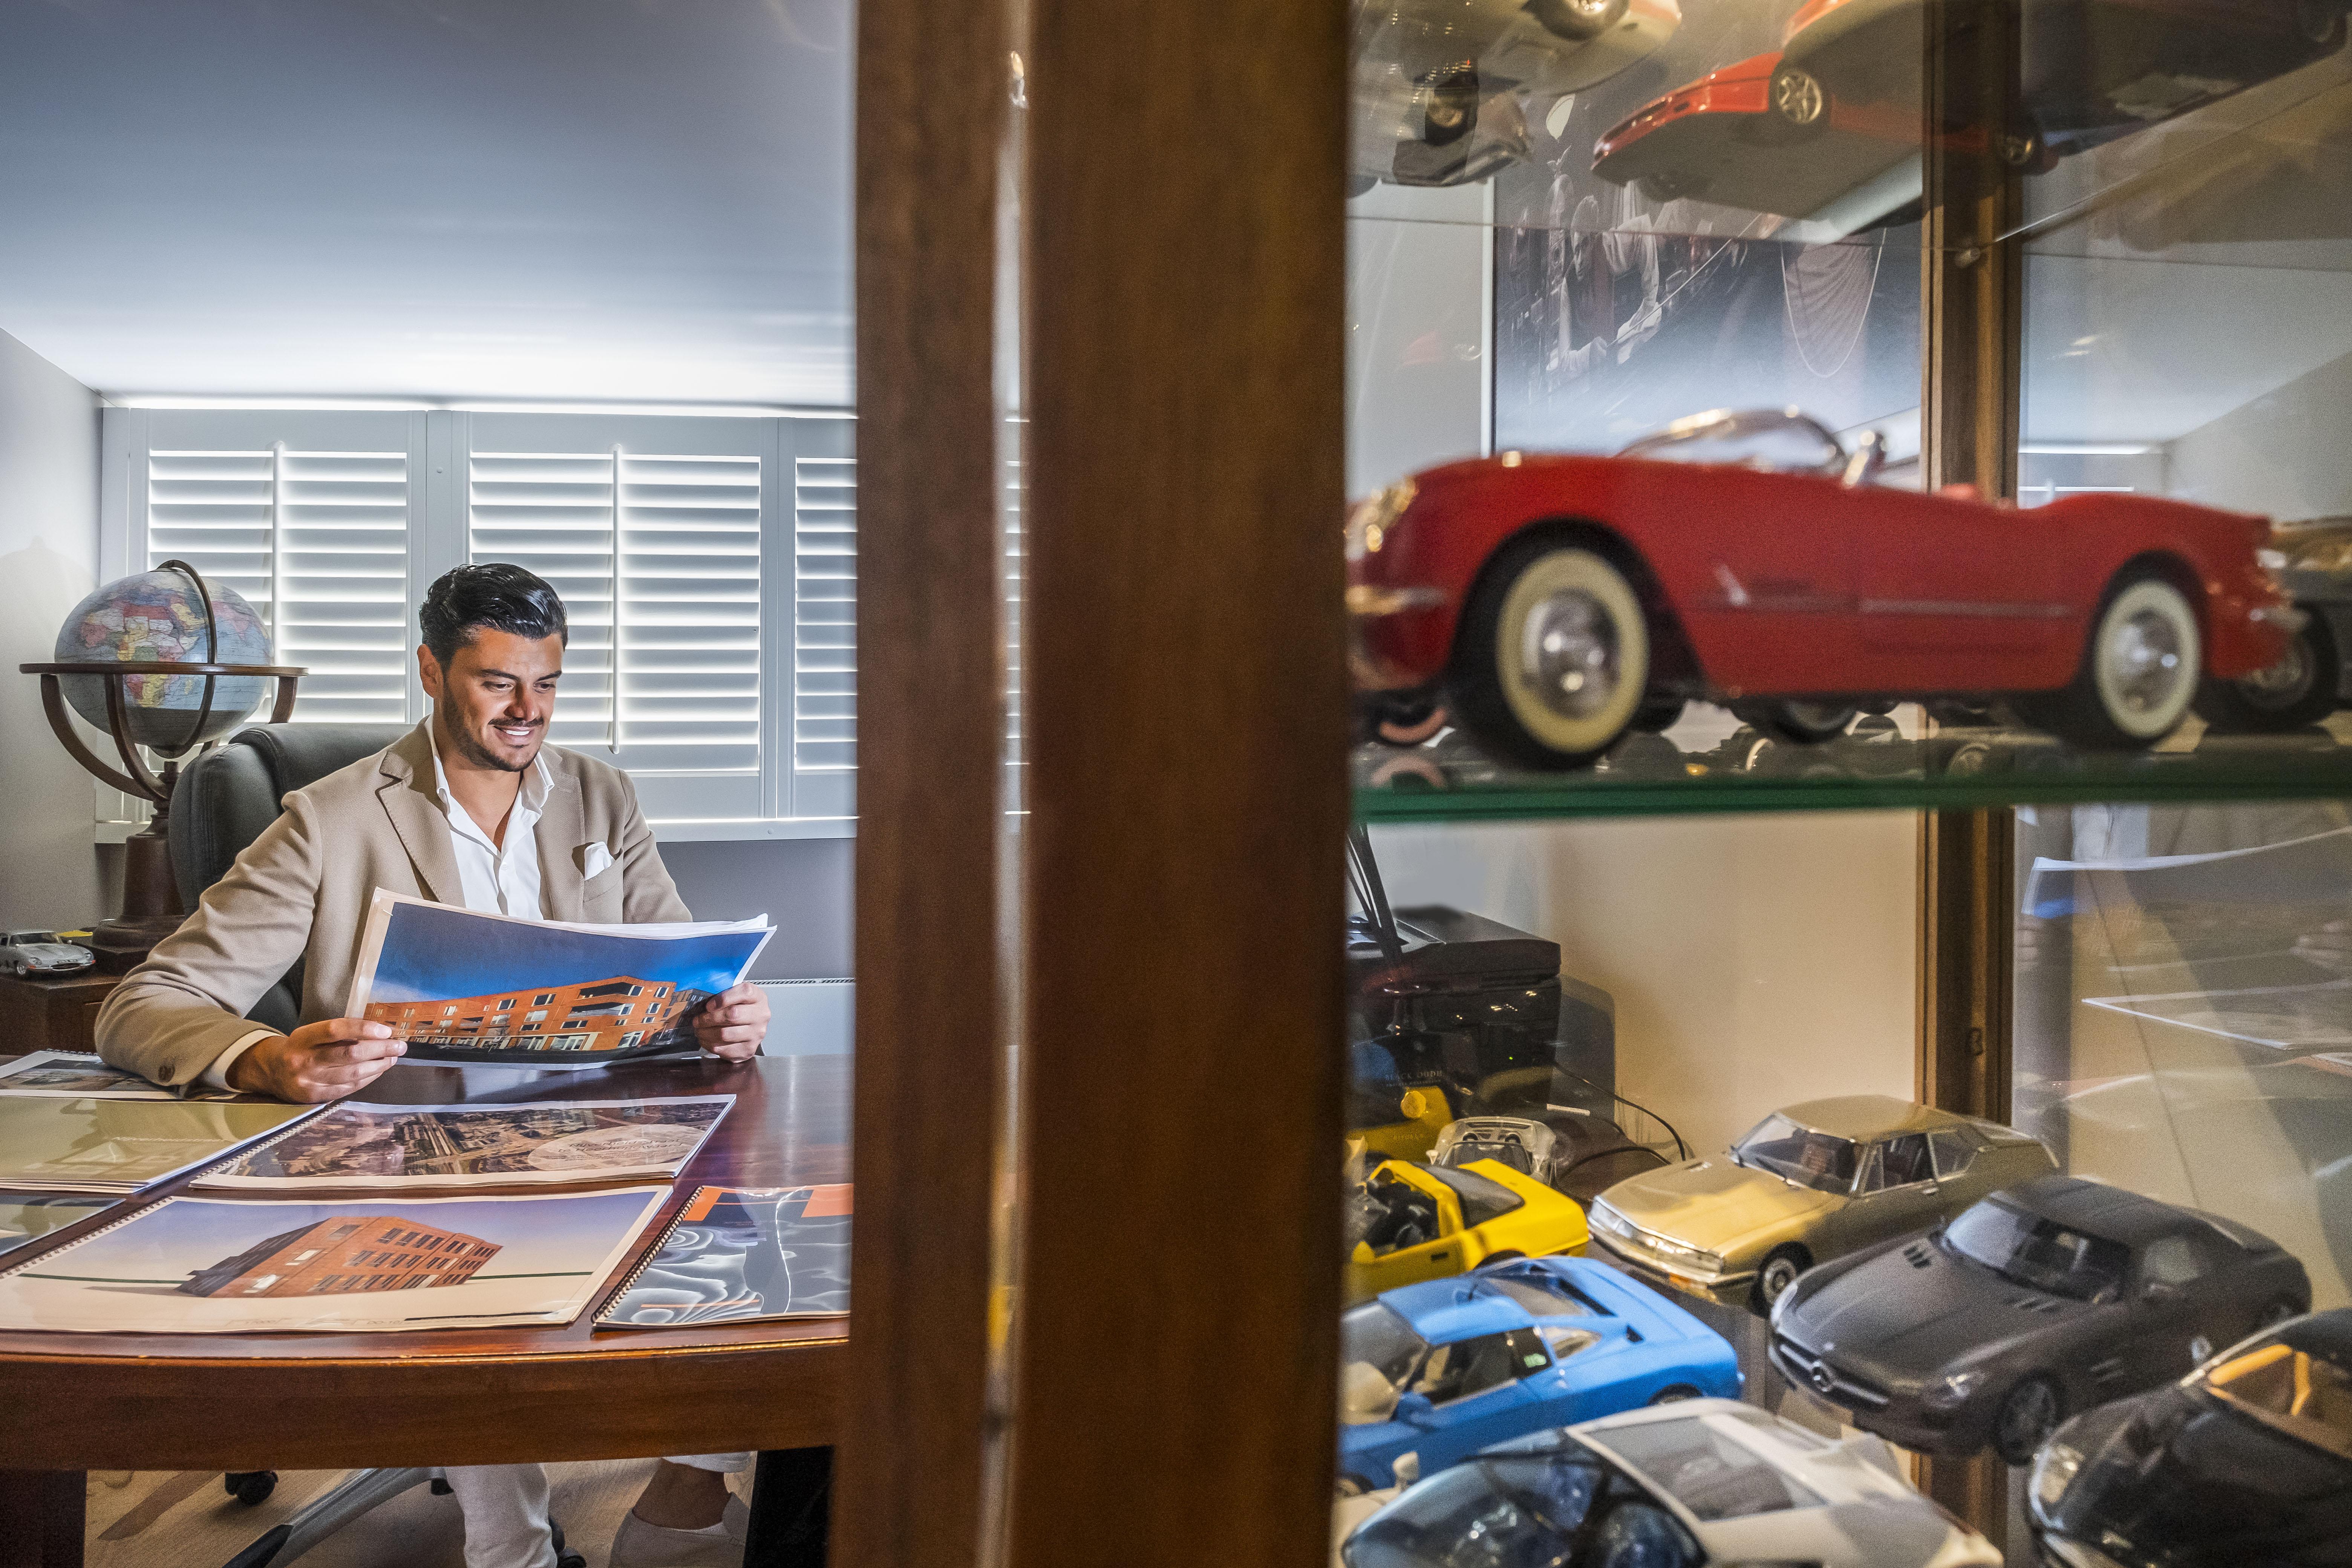 Payam Partovi, het succesverhaal van de vluchteling die vlinders, brommers en auto's verkocht en nu in vastgoed doet. 'Ik wil graag iets terugdoen voor de mensen die het nodig hebben'